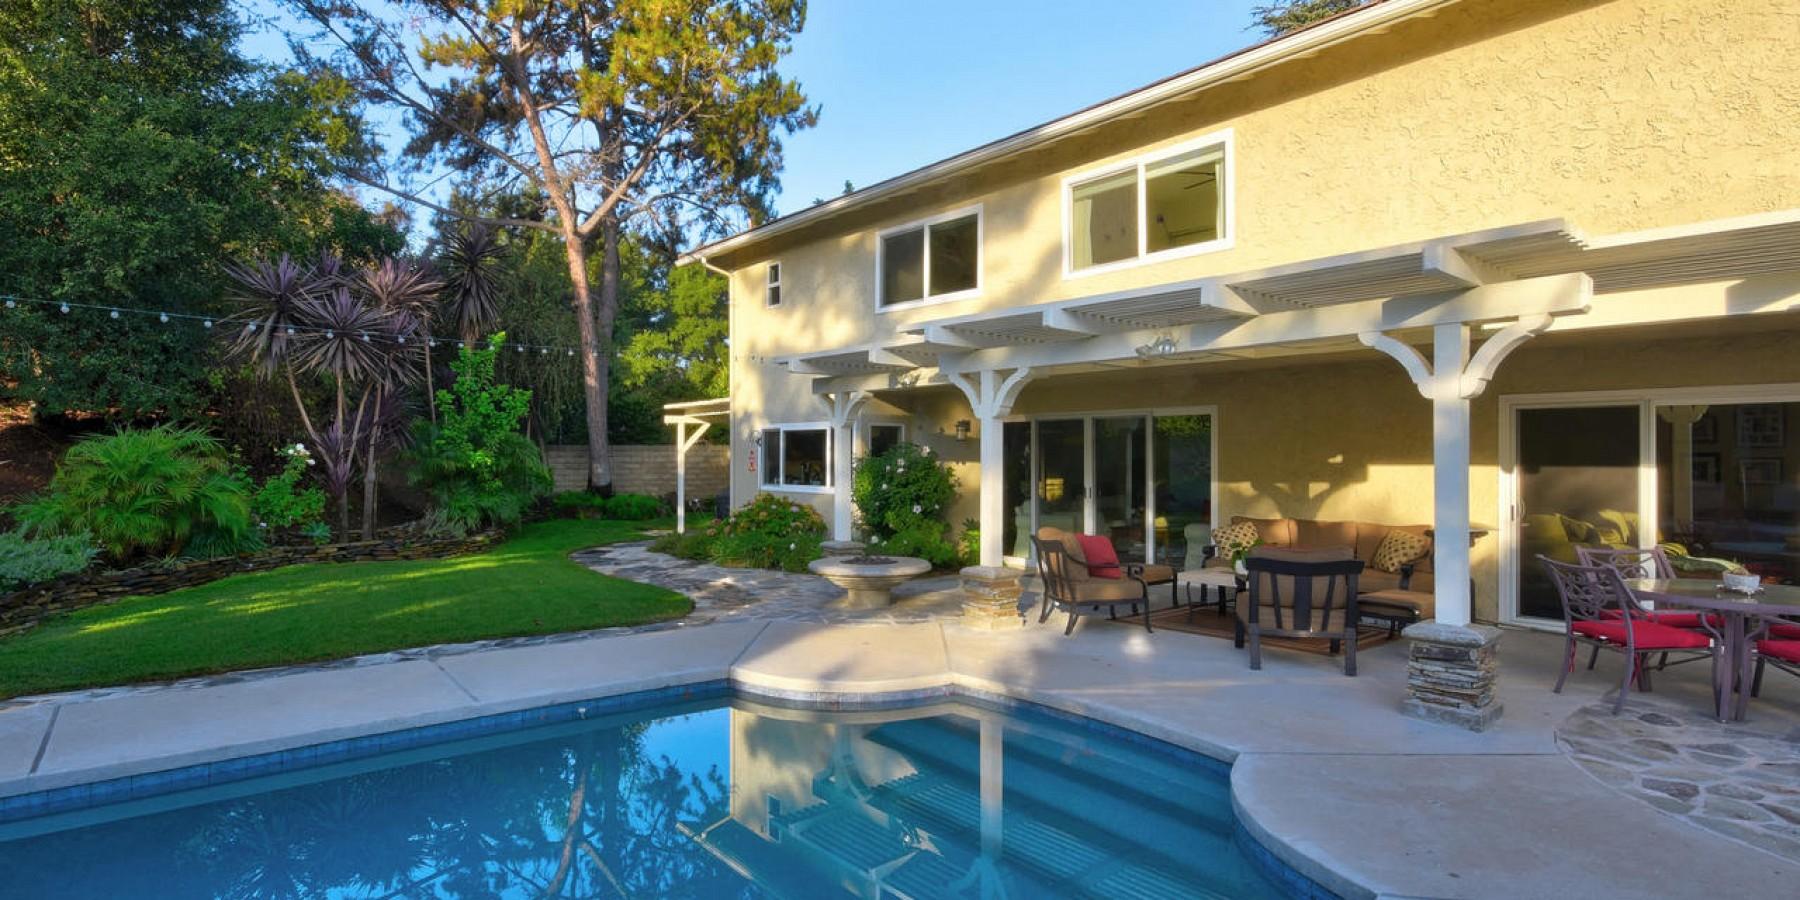 1624 Folkestone Terrace, Westlake Village, CA 91361